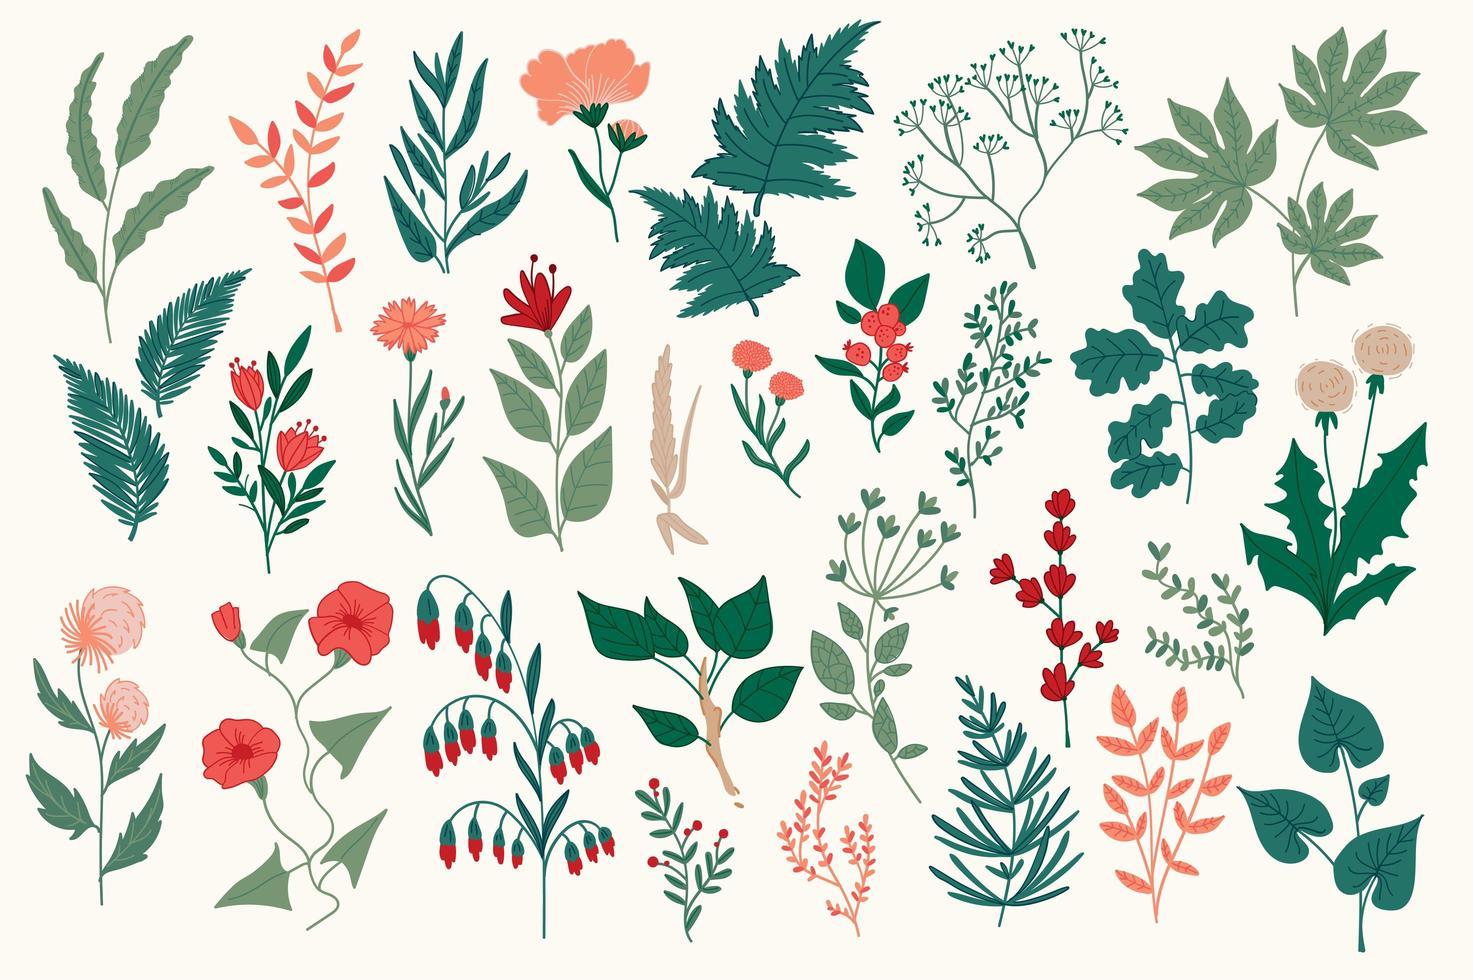 Wildblumen dekorative Elemente gesetzt. vektor